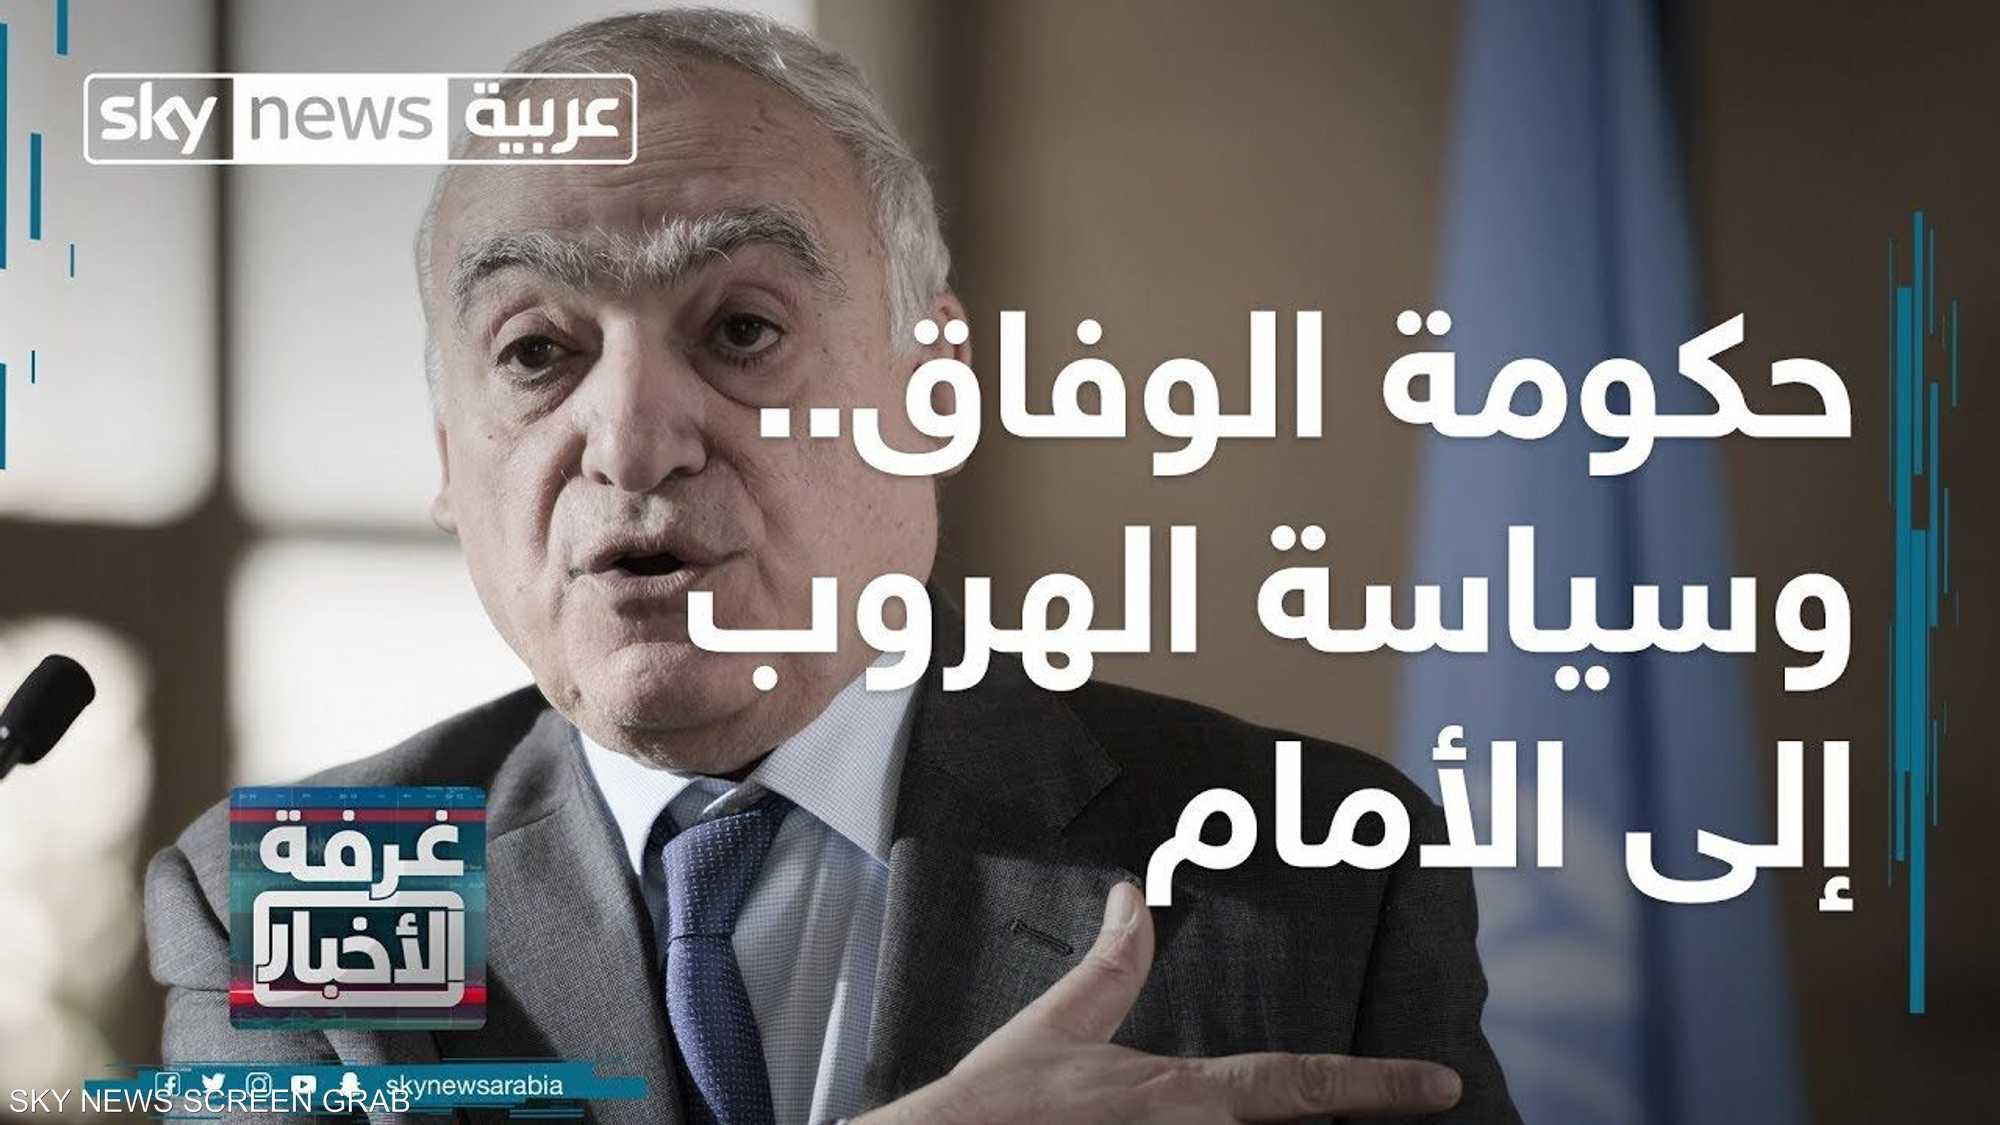 حكومة الوفاق.. وسياسة الهروب إلى الأمام